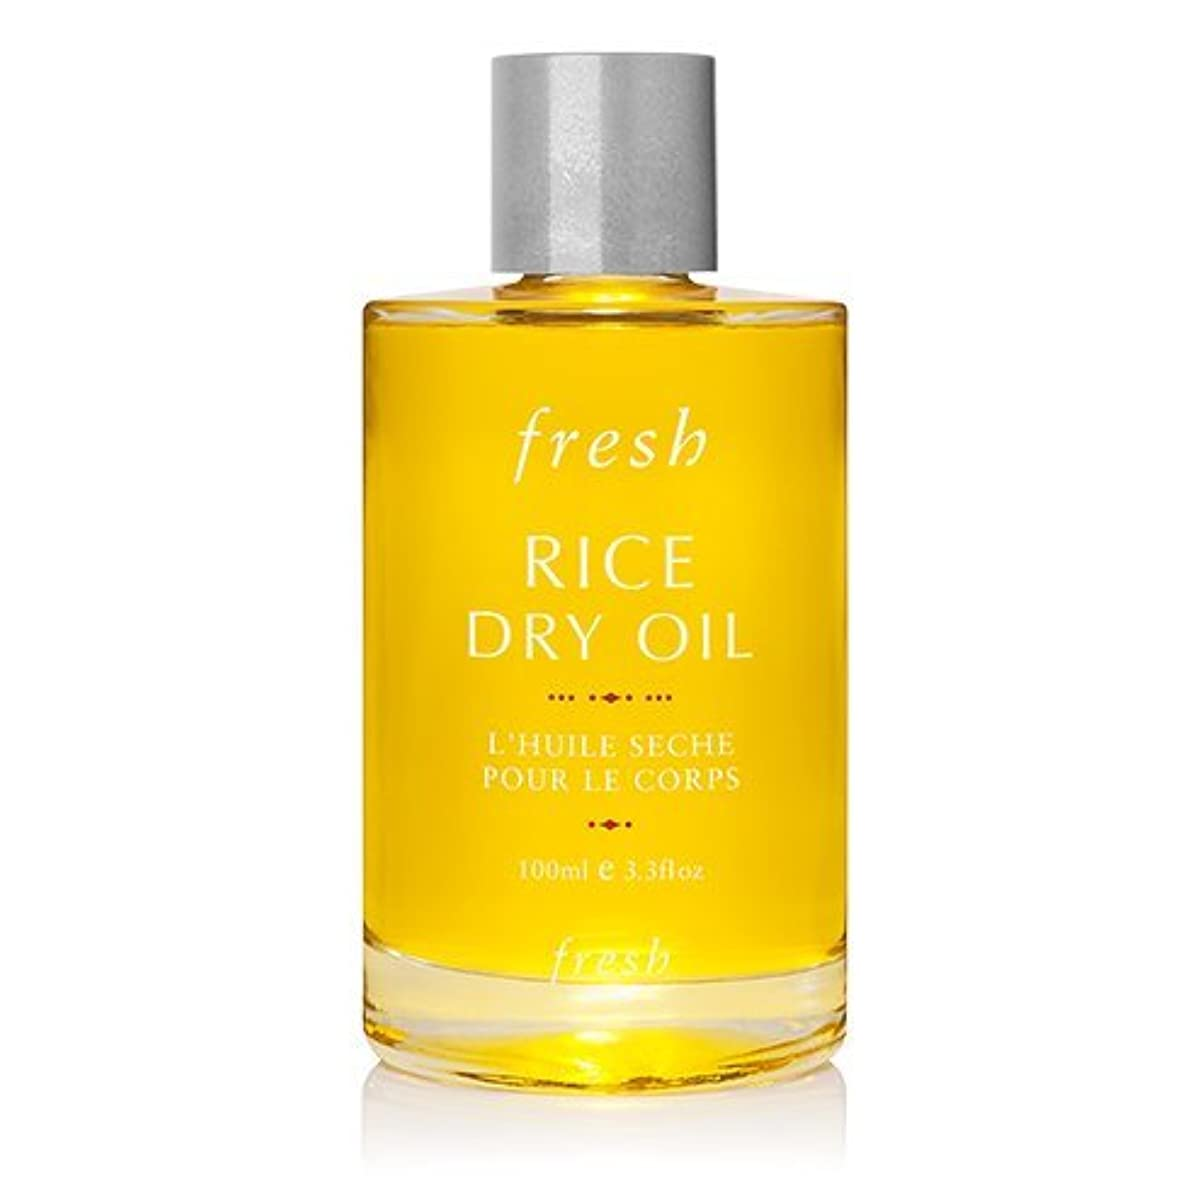 座標目的チャールズキージングFresh RICE DRY OIL (フレッシュ ライス ドライ オイル) 3.4 oz (100ml) by Fresh for Women